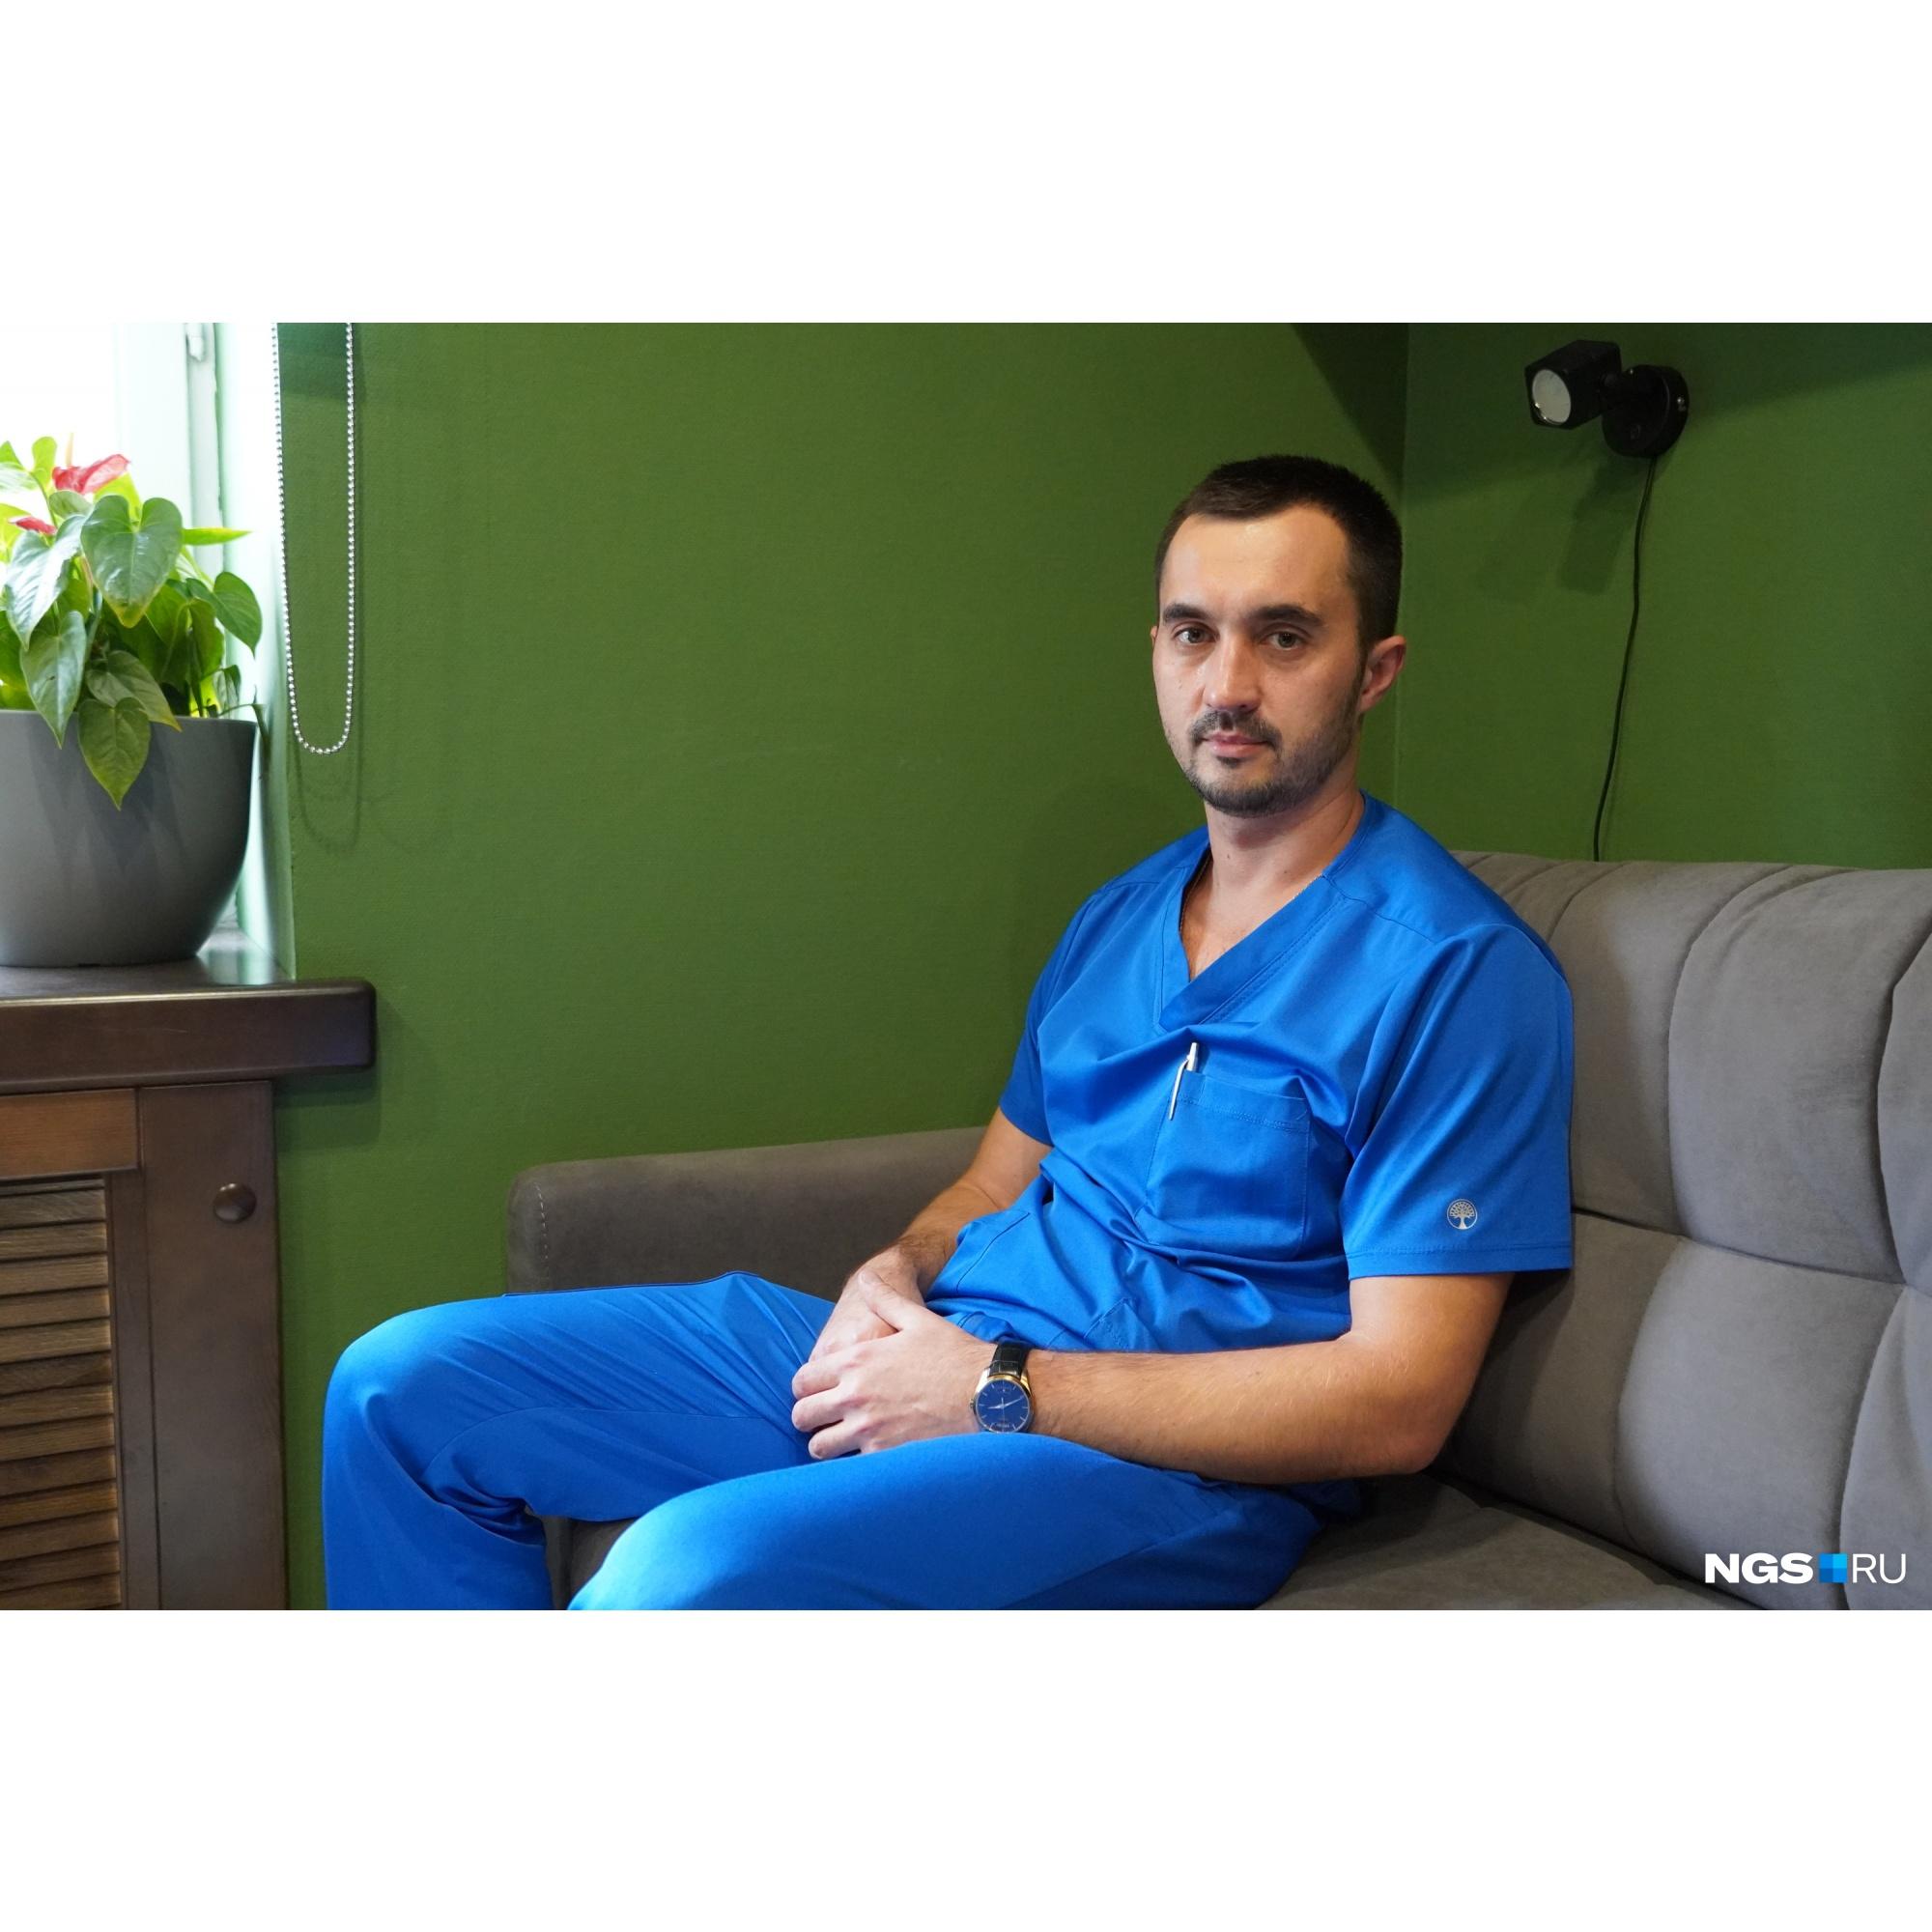 Александр Соболев провел операцию и удалил опухоль. Наталья очень ему благодарна, в том числе и за аккуратный шов, который сейчас почти незаметен